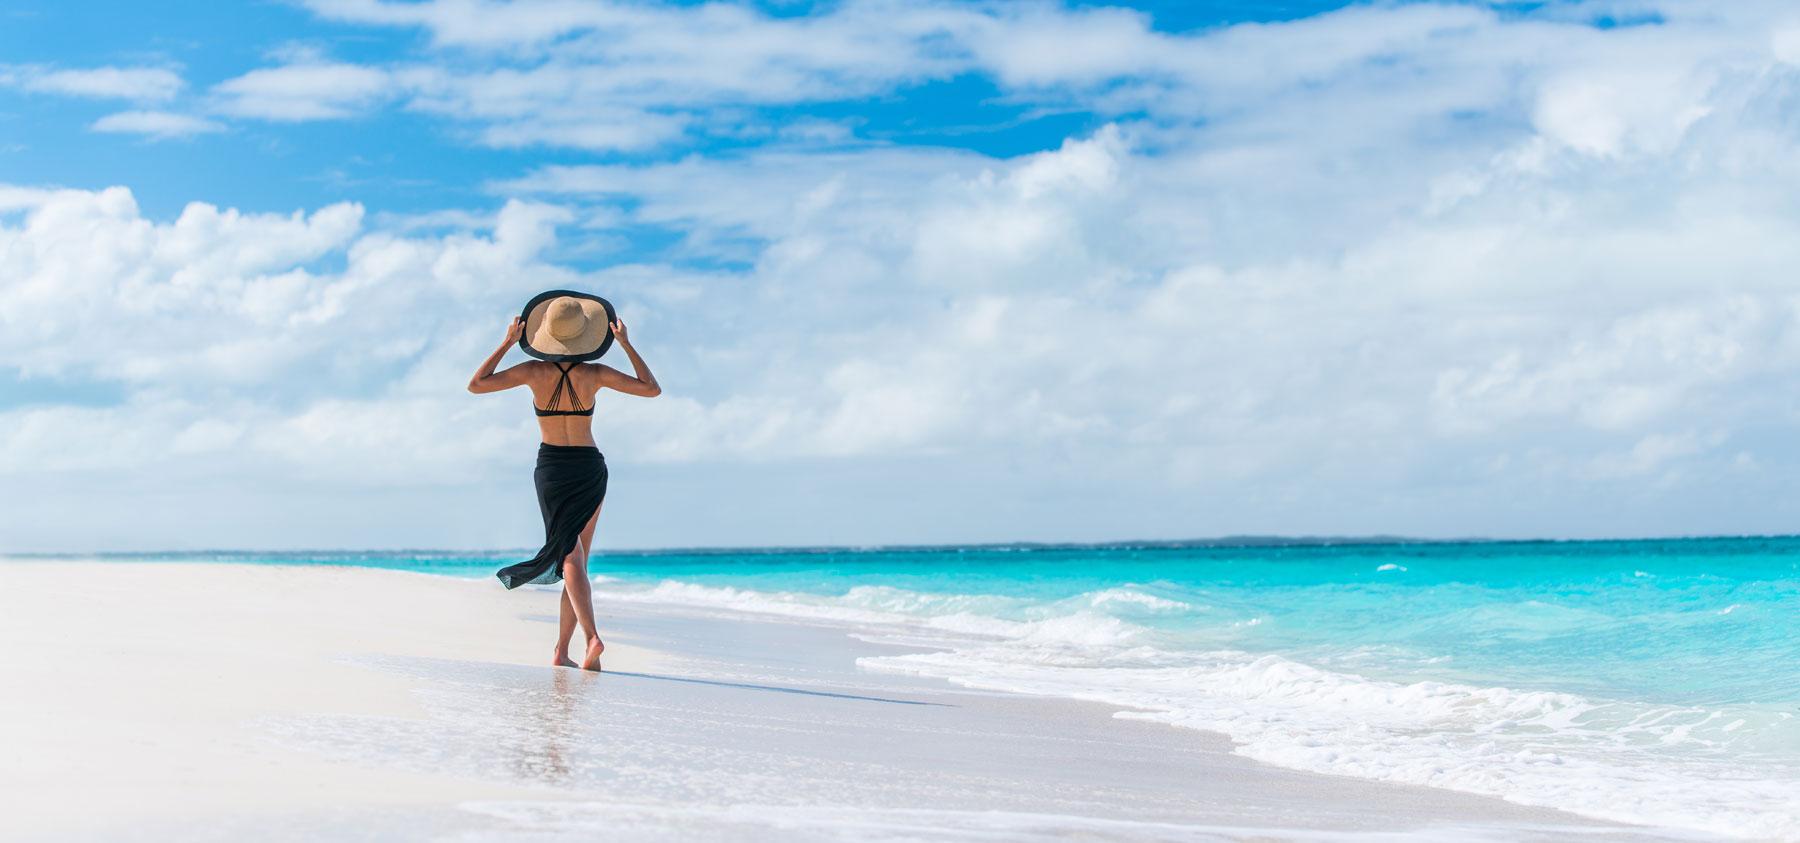 旅行 理想的なビーチ